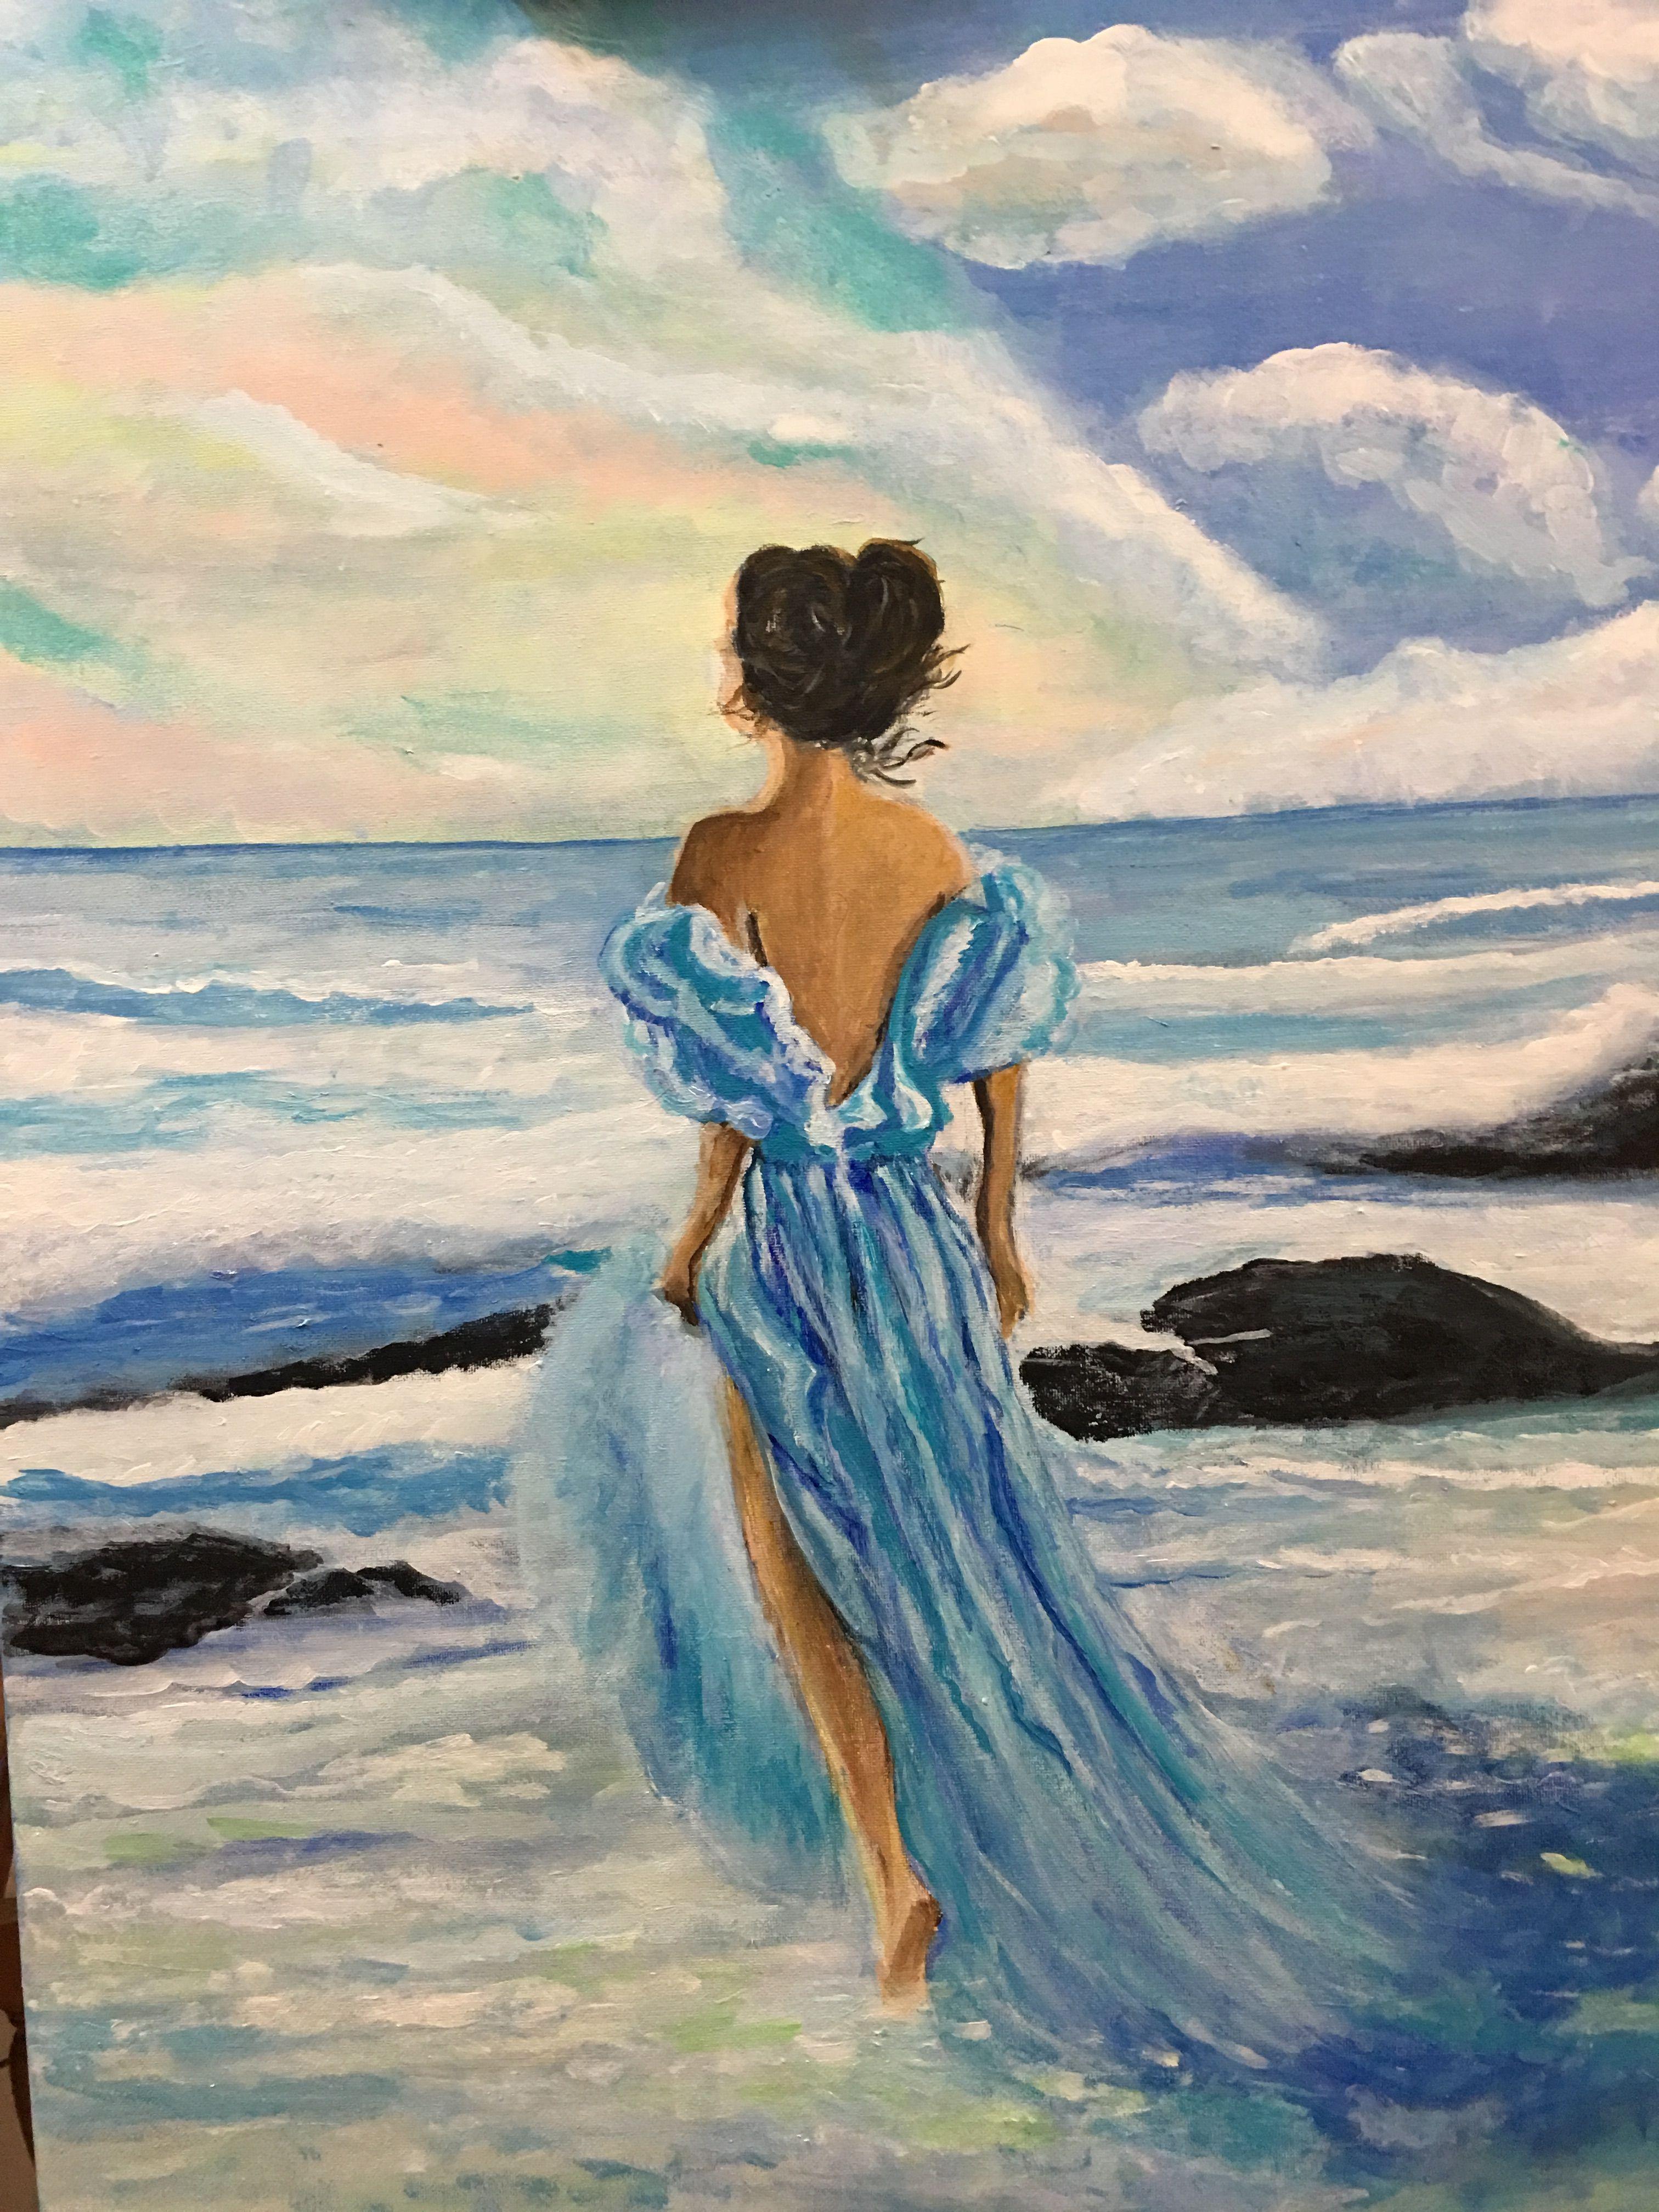 épinglé Par Rose Marques Sur H Peinture Visage Peinture Peinture Paysage